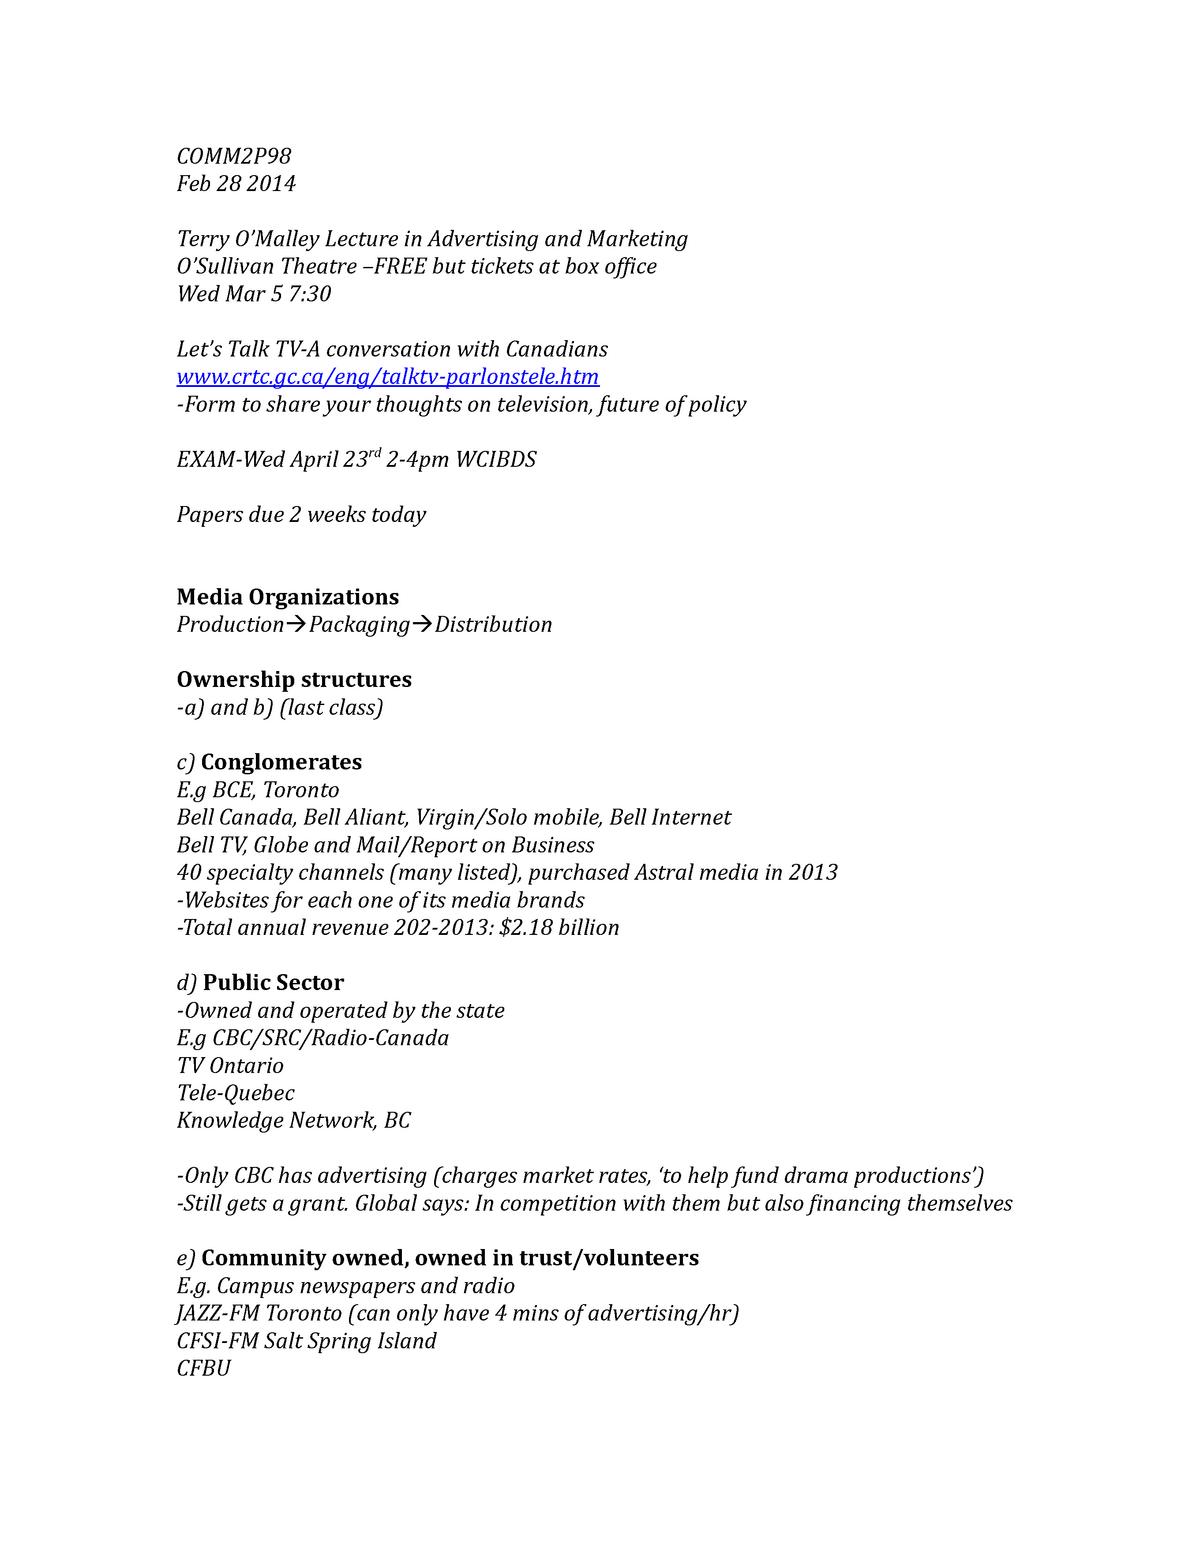 COMM2P98Feb28 - COMM/PCUL/SOCI 2P98: Media Industries 2013